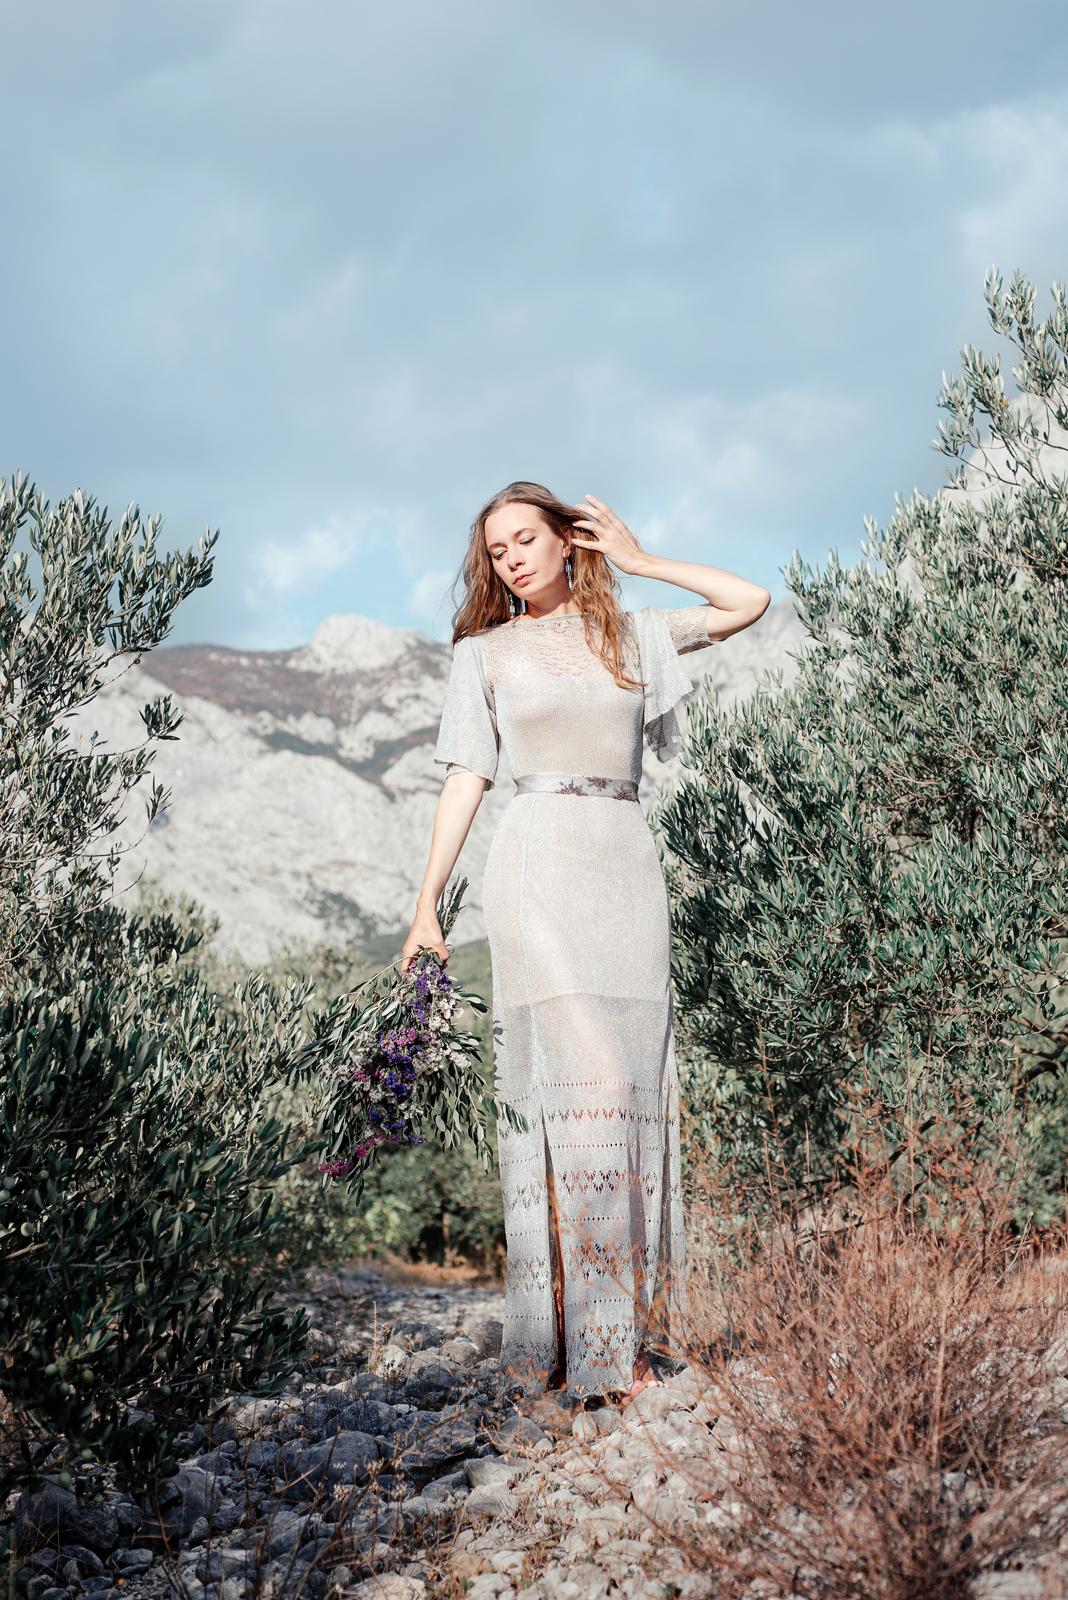 полупрозрачное платье с вышивкой длинное свадебное платье